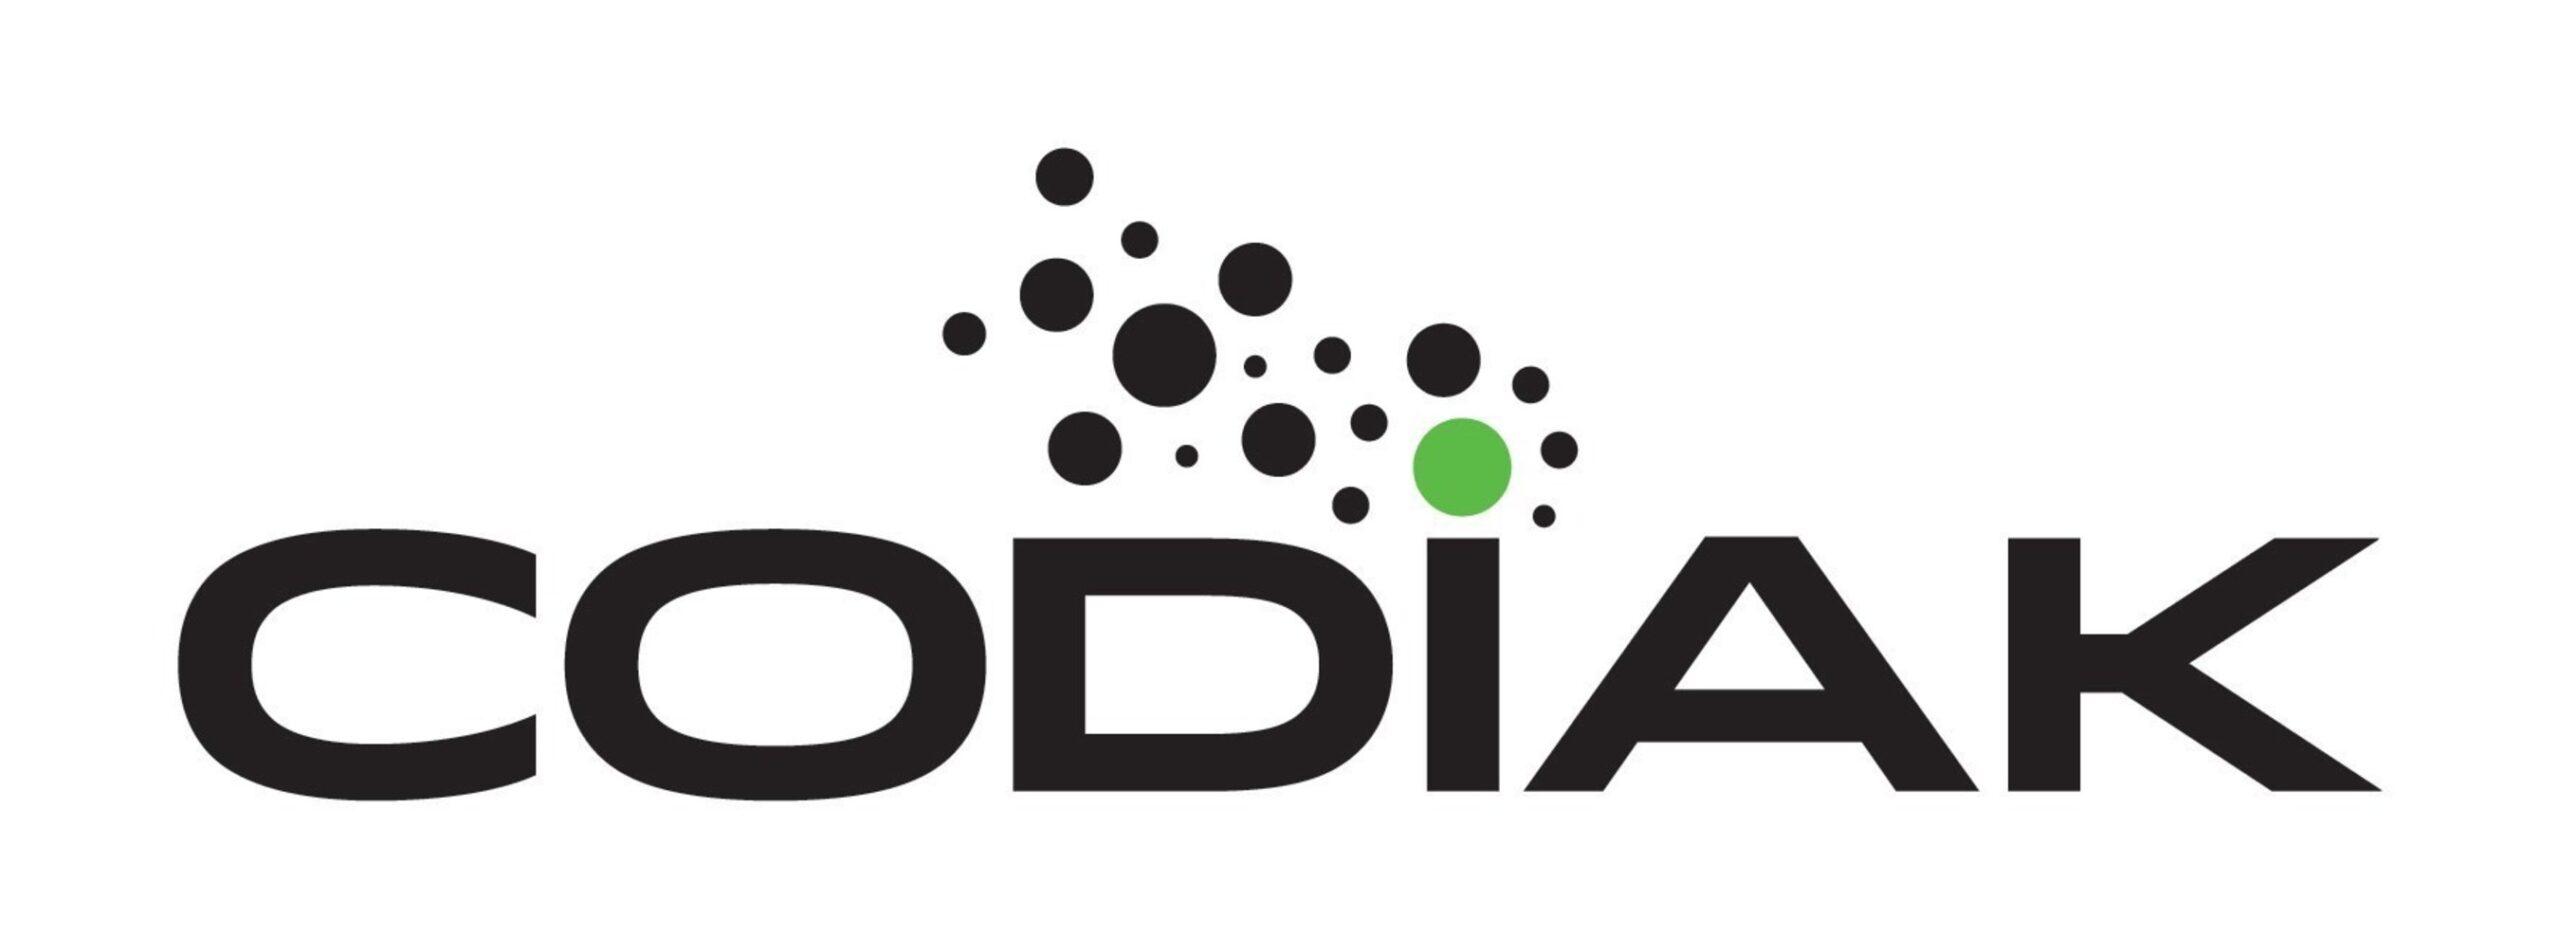 CODIAK logo (PRNewsFoto/Codiak BioSciences Inc.)